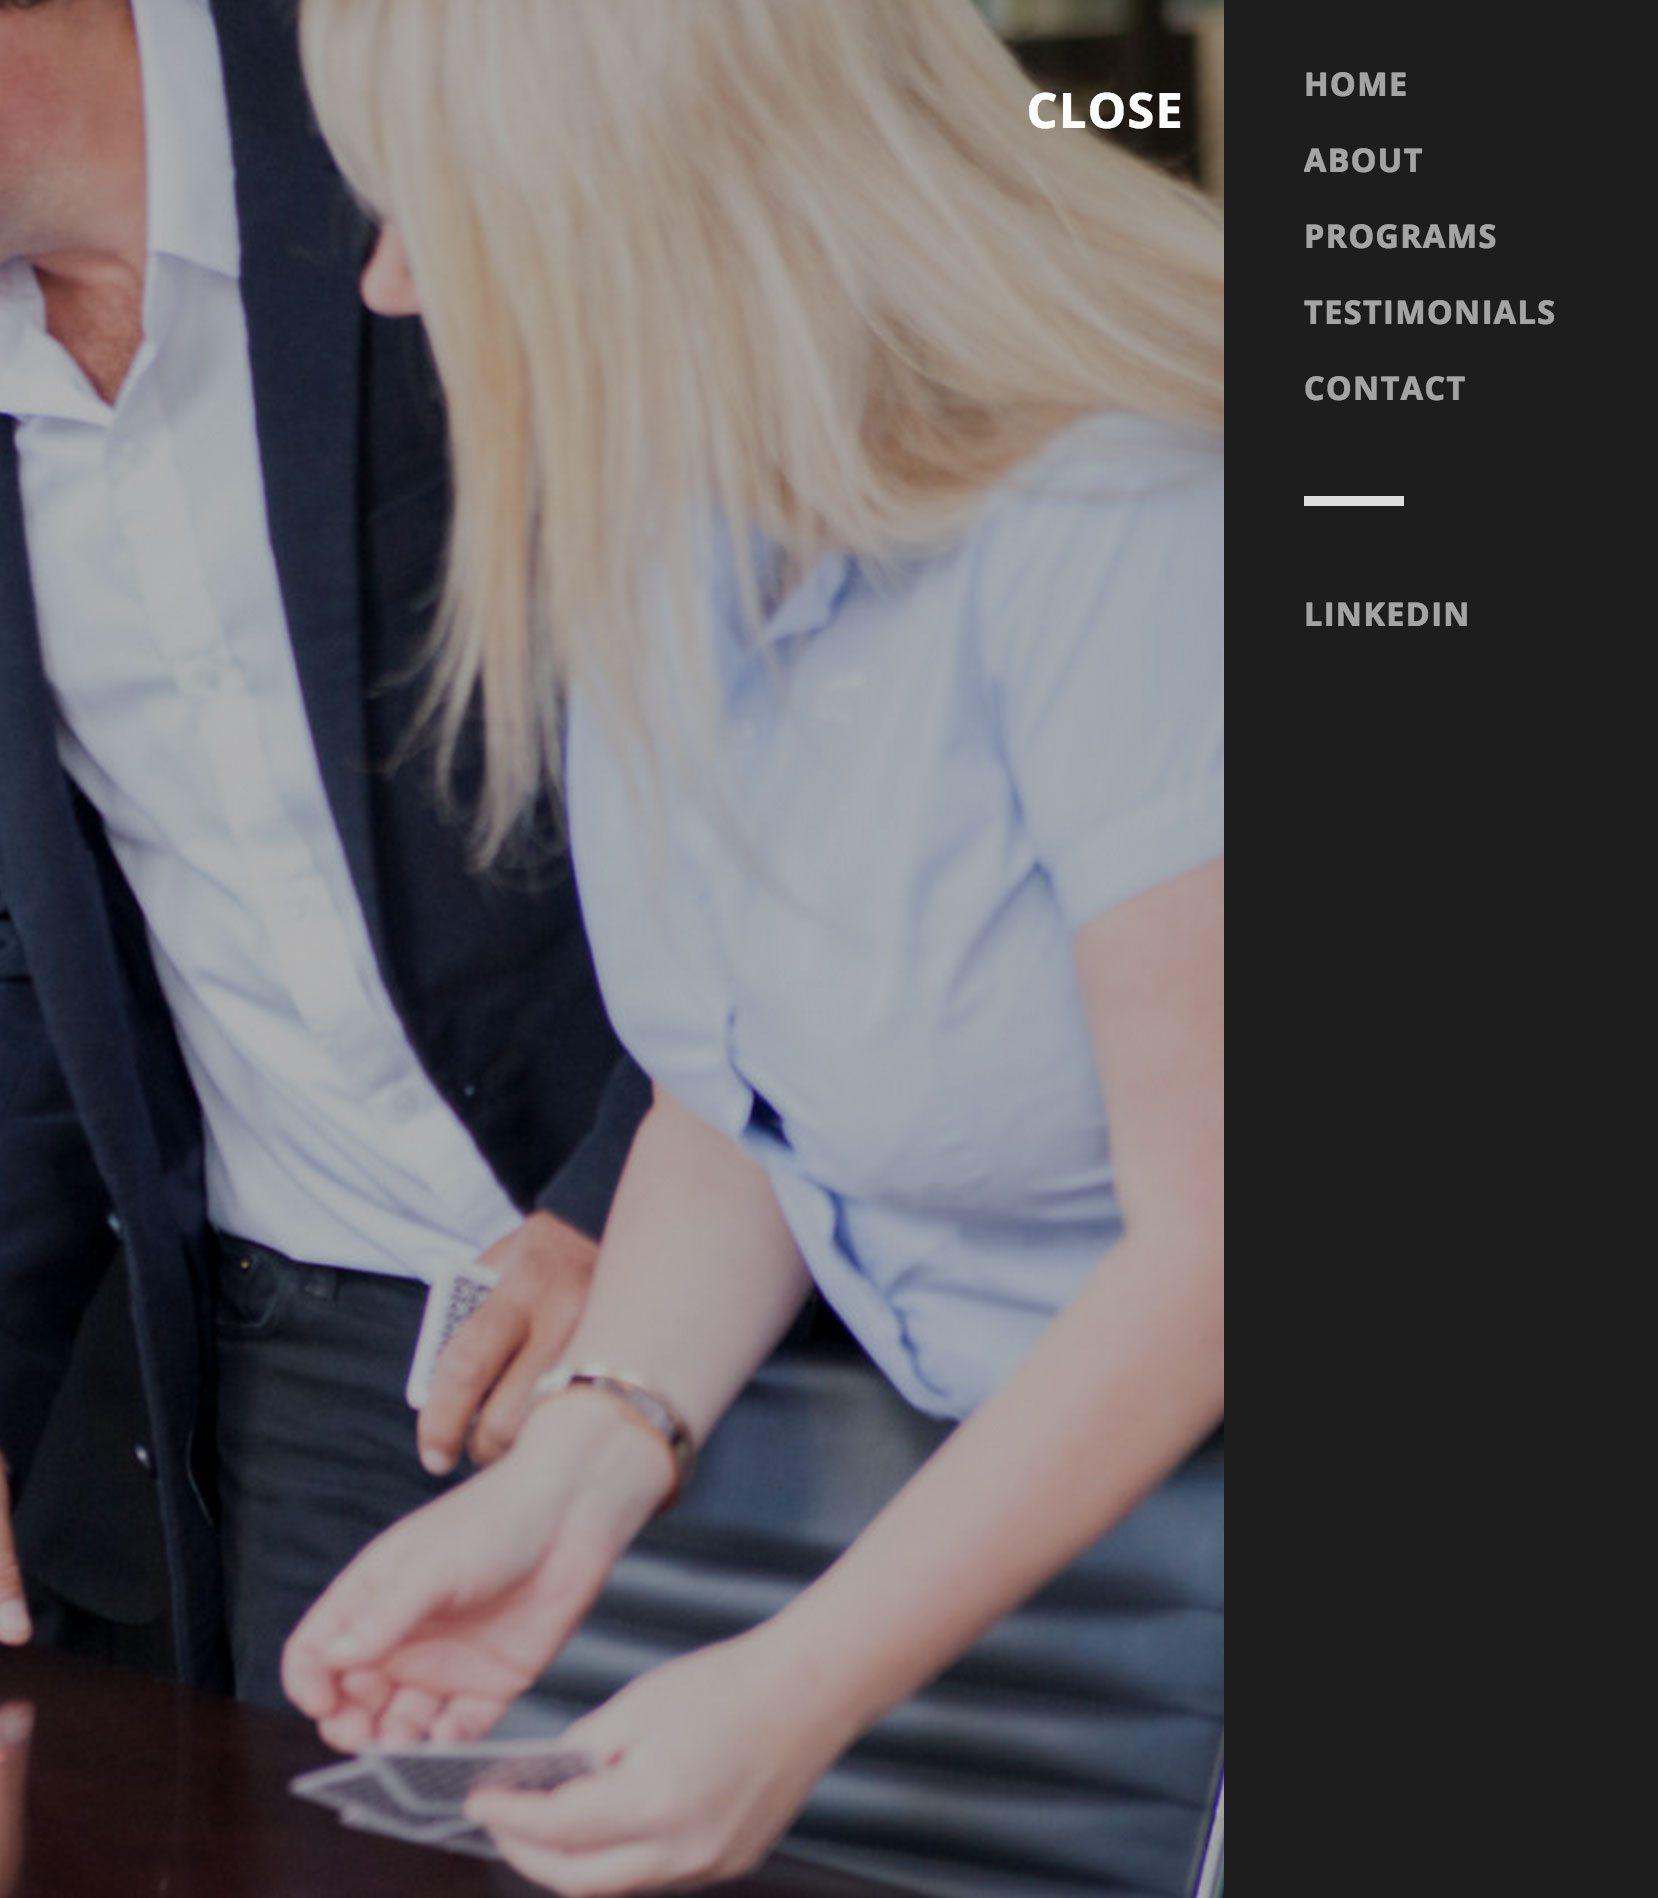 bb_website3